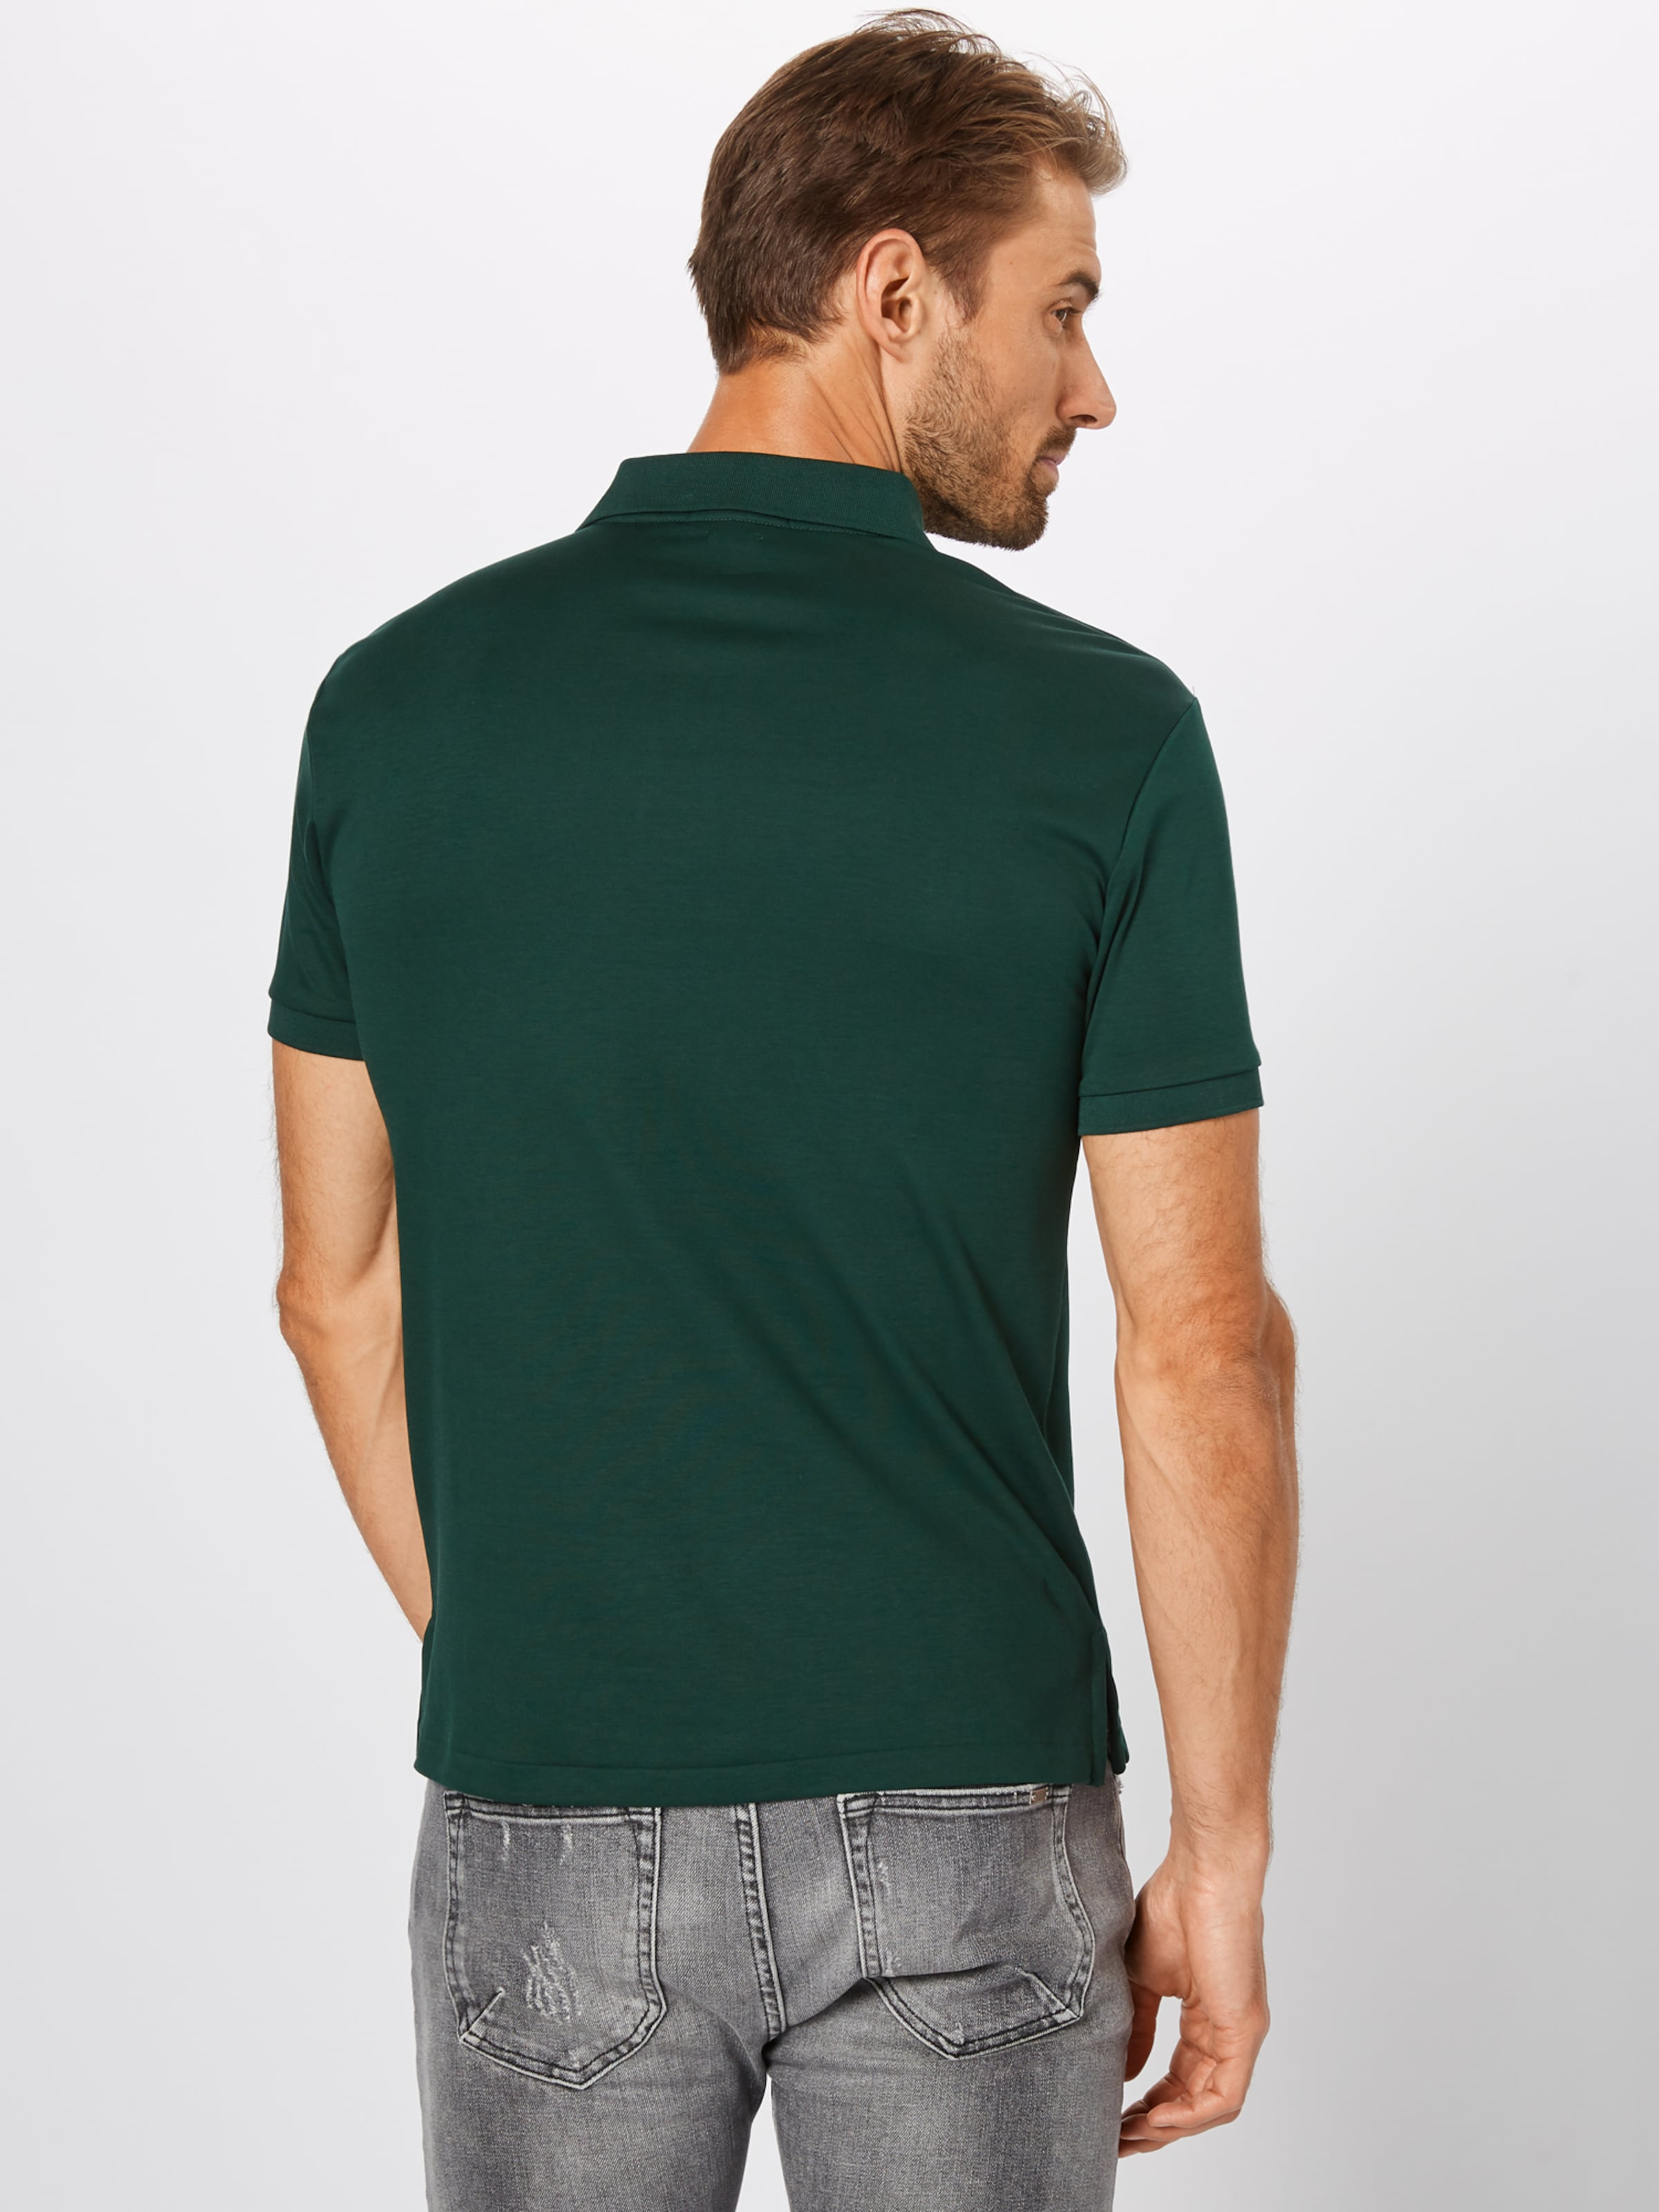 In Polo Poloshirt knit' Lauren Ralph 'short Dunkelgrün Sleeve D2WEH9I